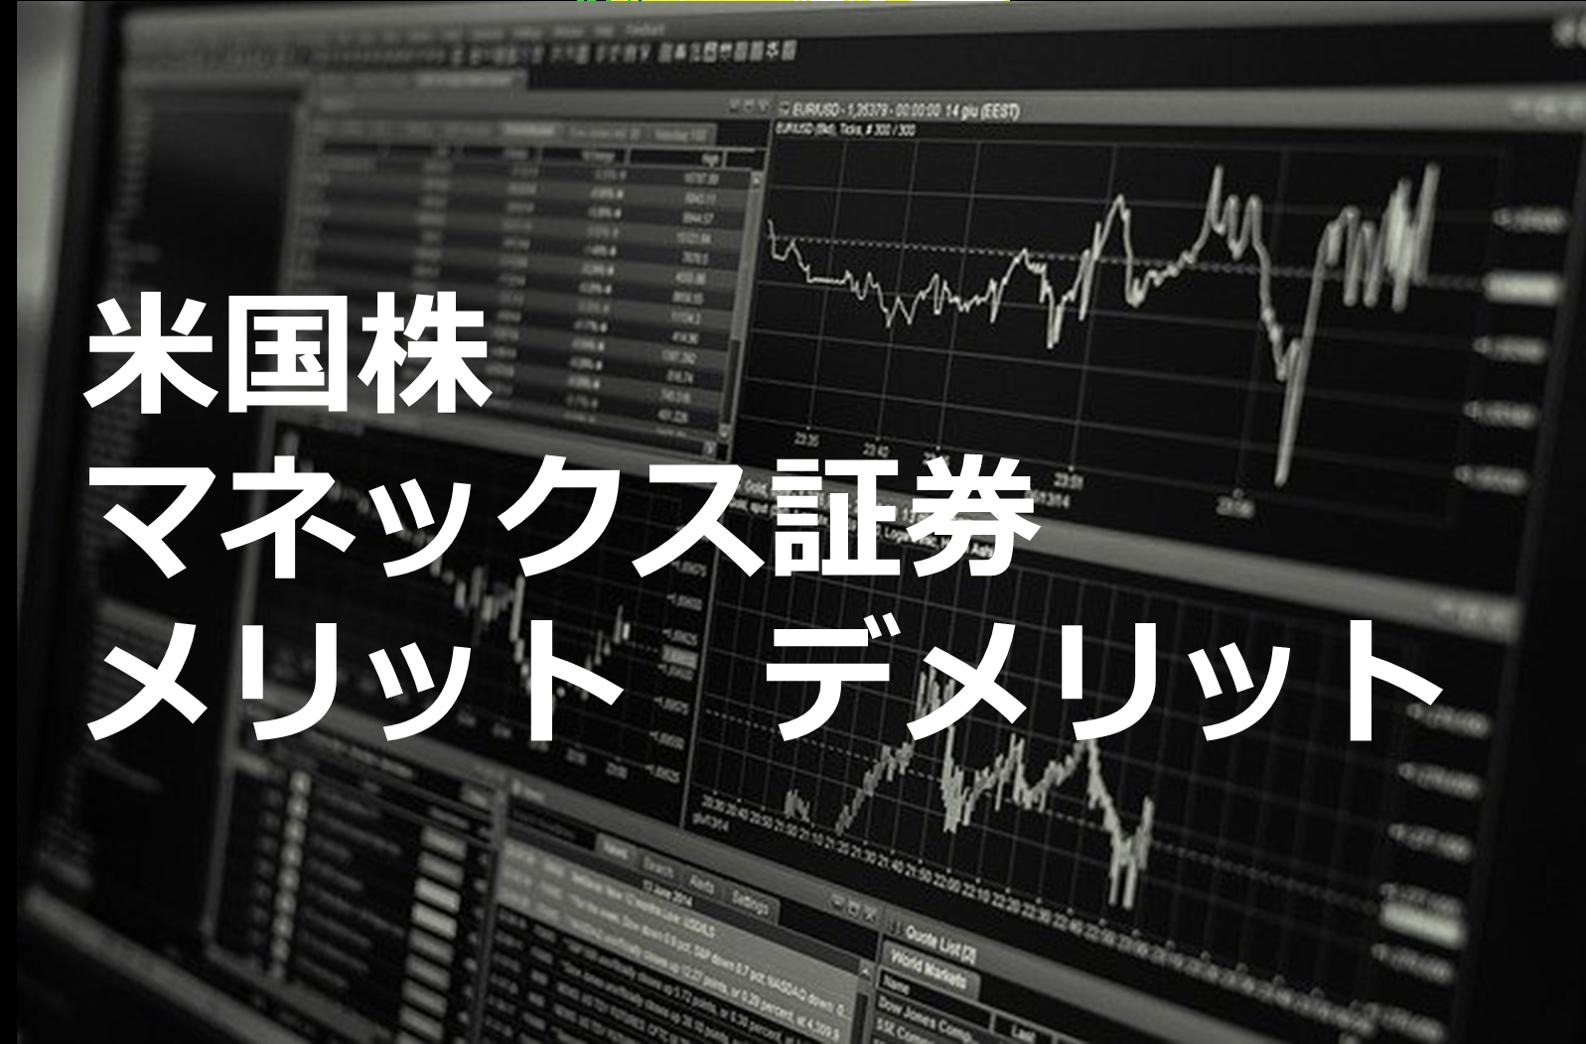 マネックス証券で米国株をするメリット・デメリット